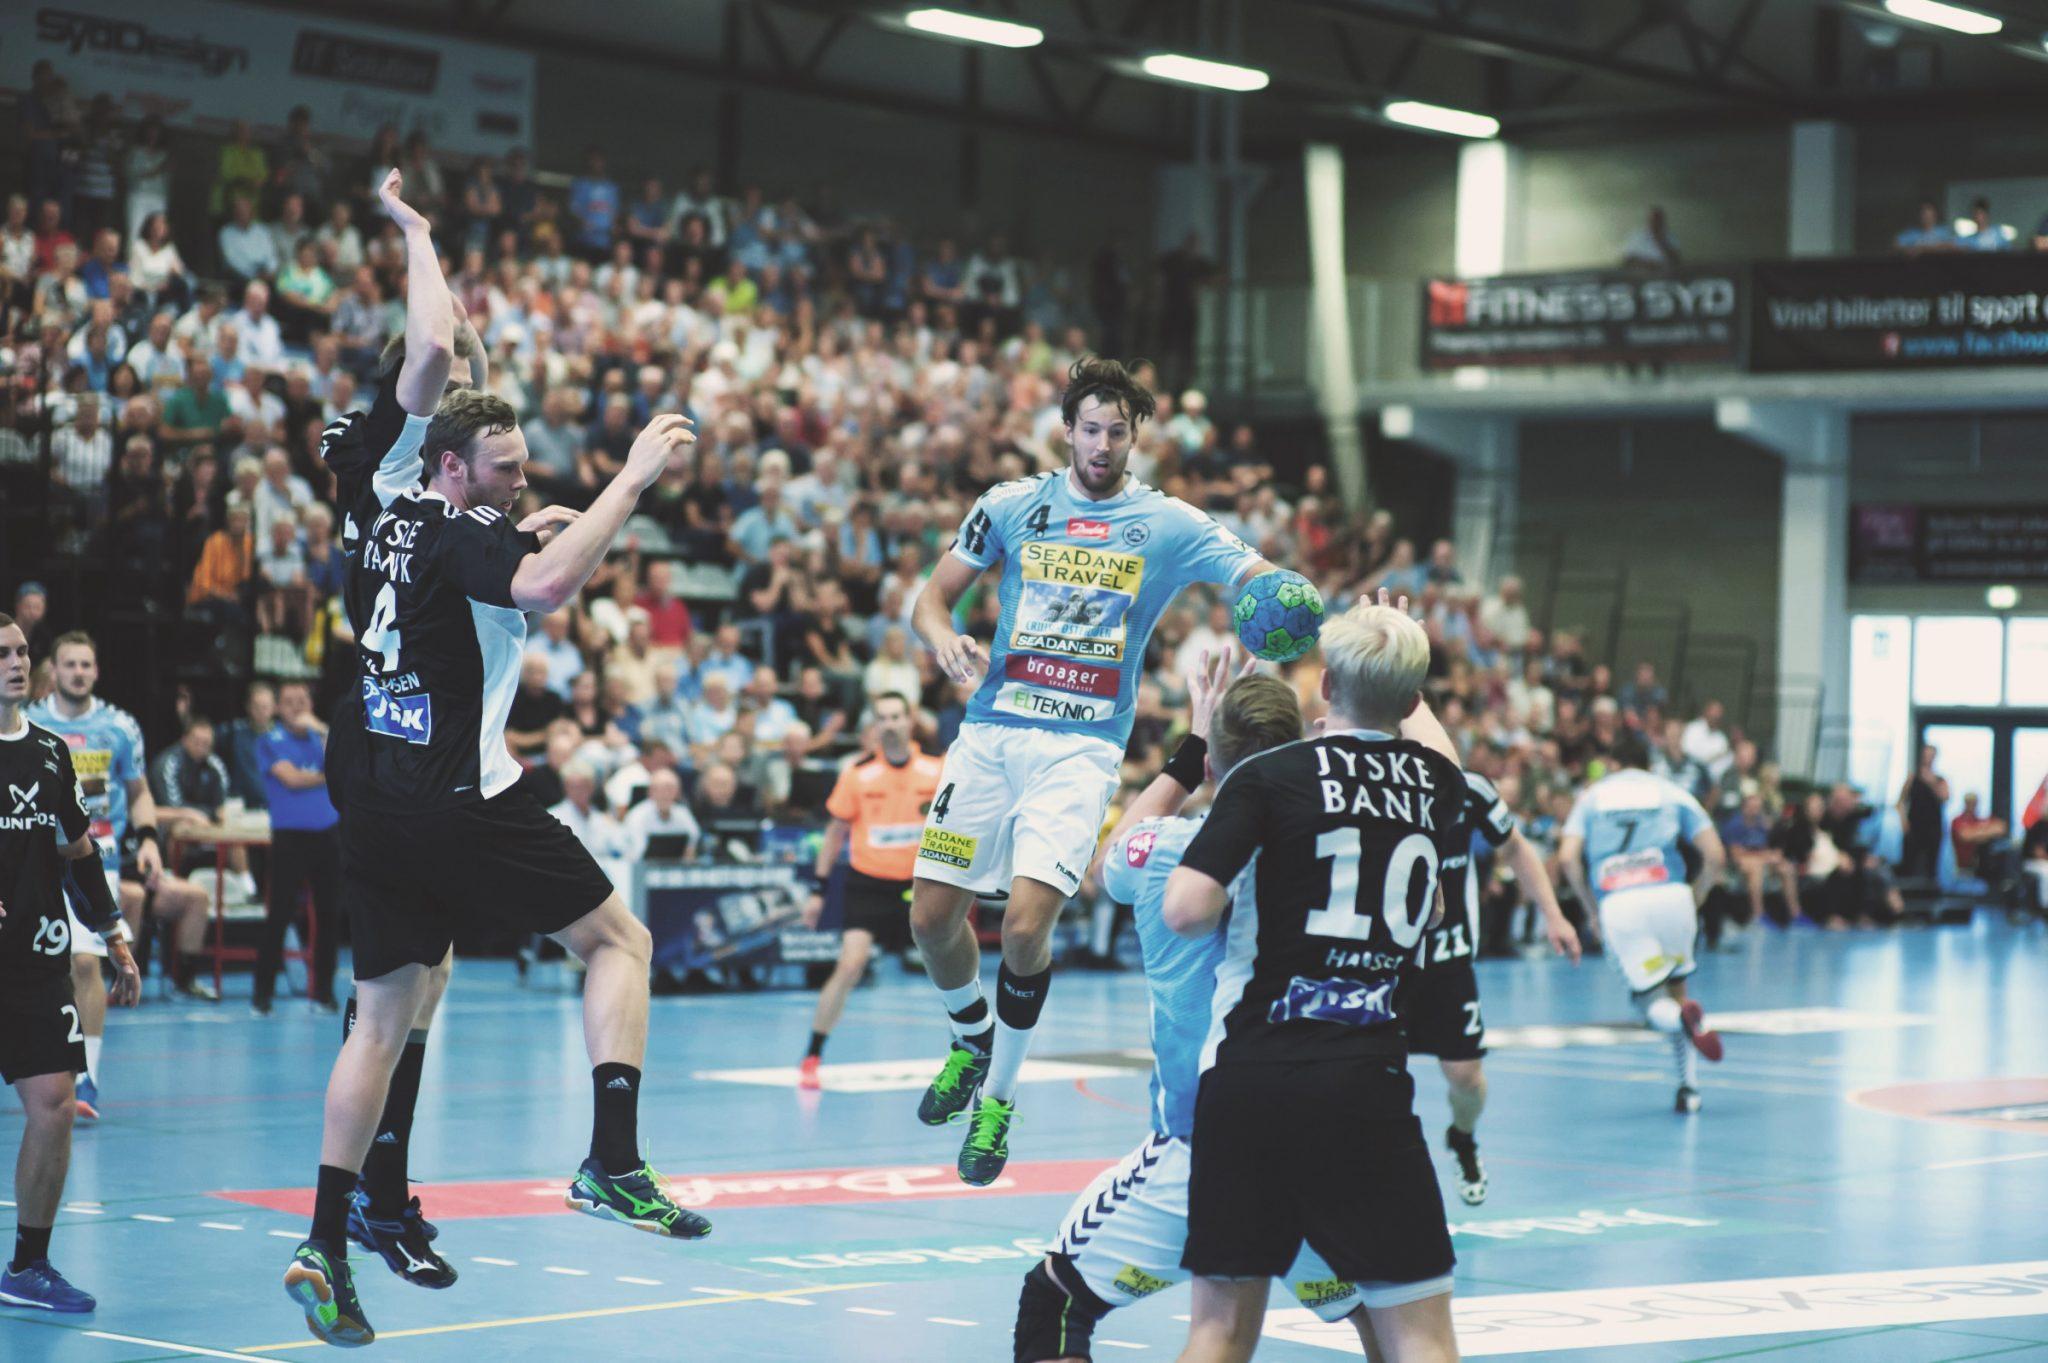 Håndboldkamp i Skansen